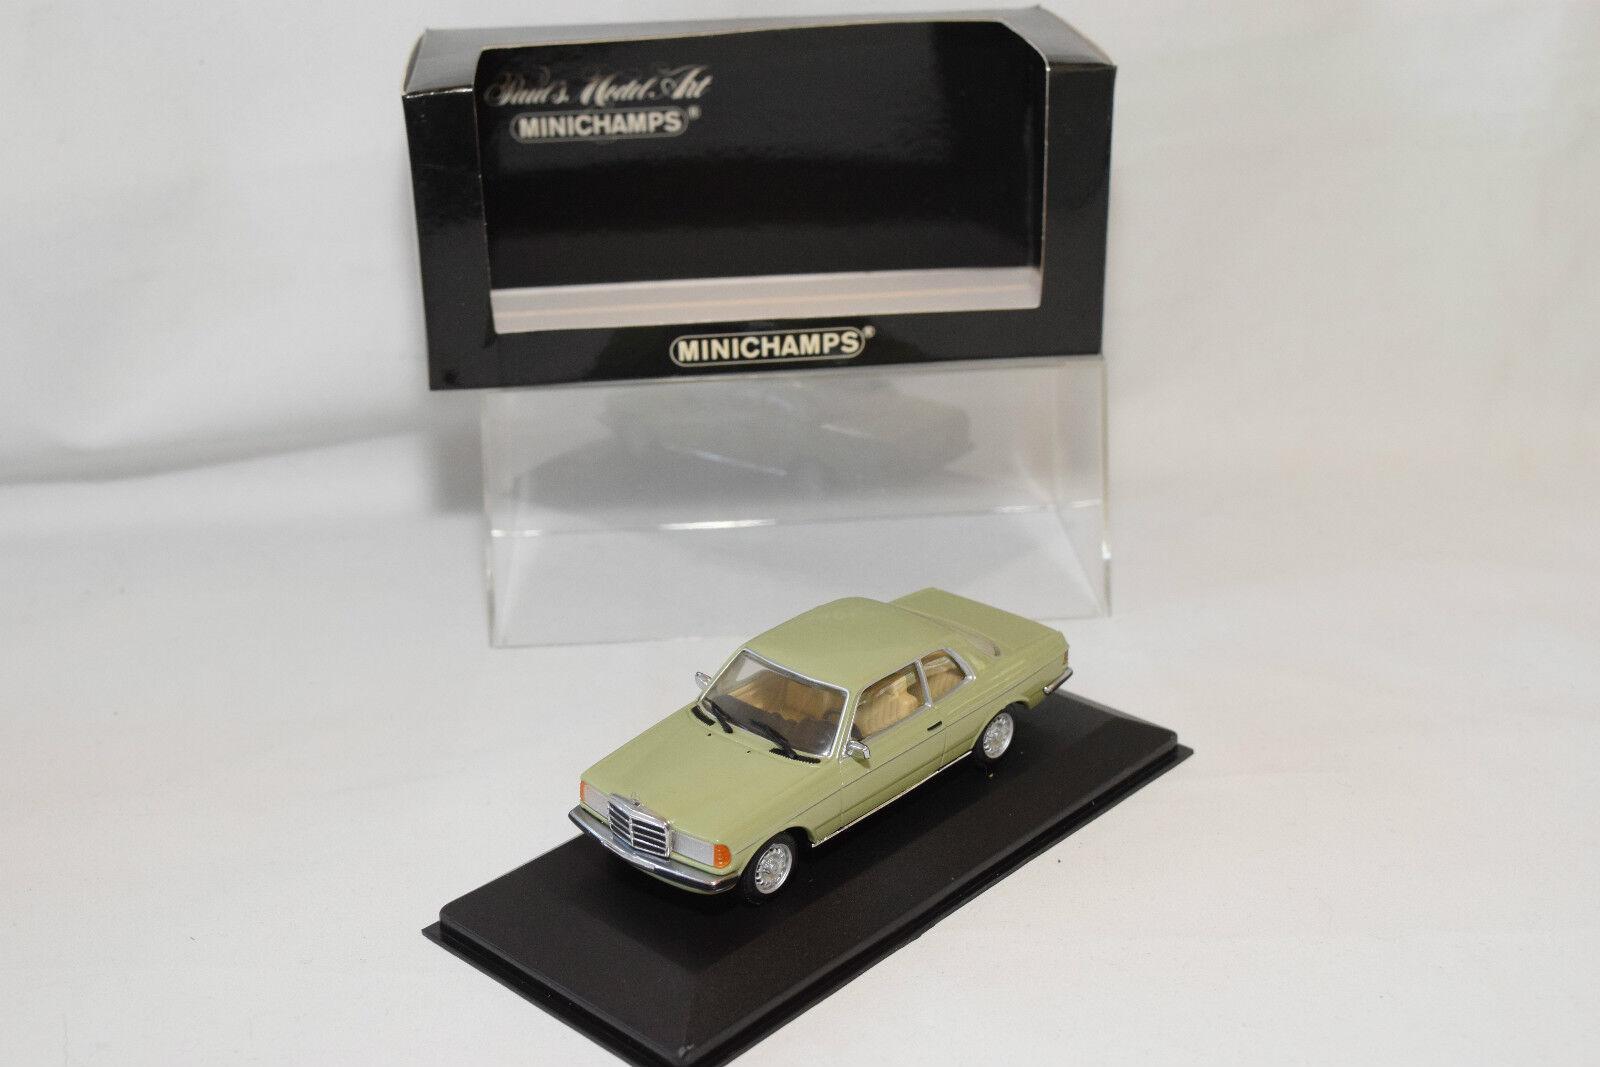 . MINICHAMPS MERCEDES BENZ 230CE 230 CE COUPE 1977 - 1985 verde MINT BOXED